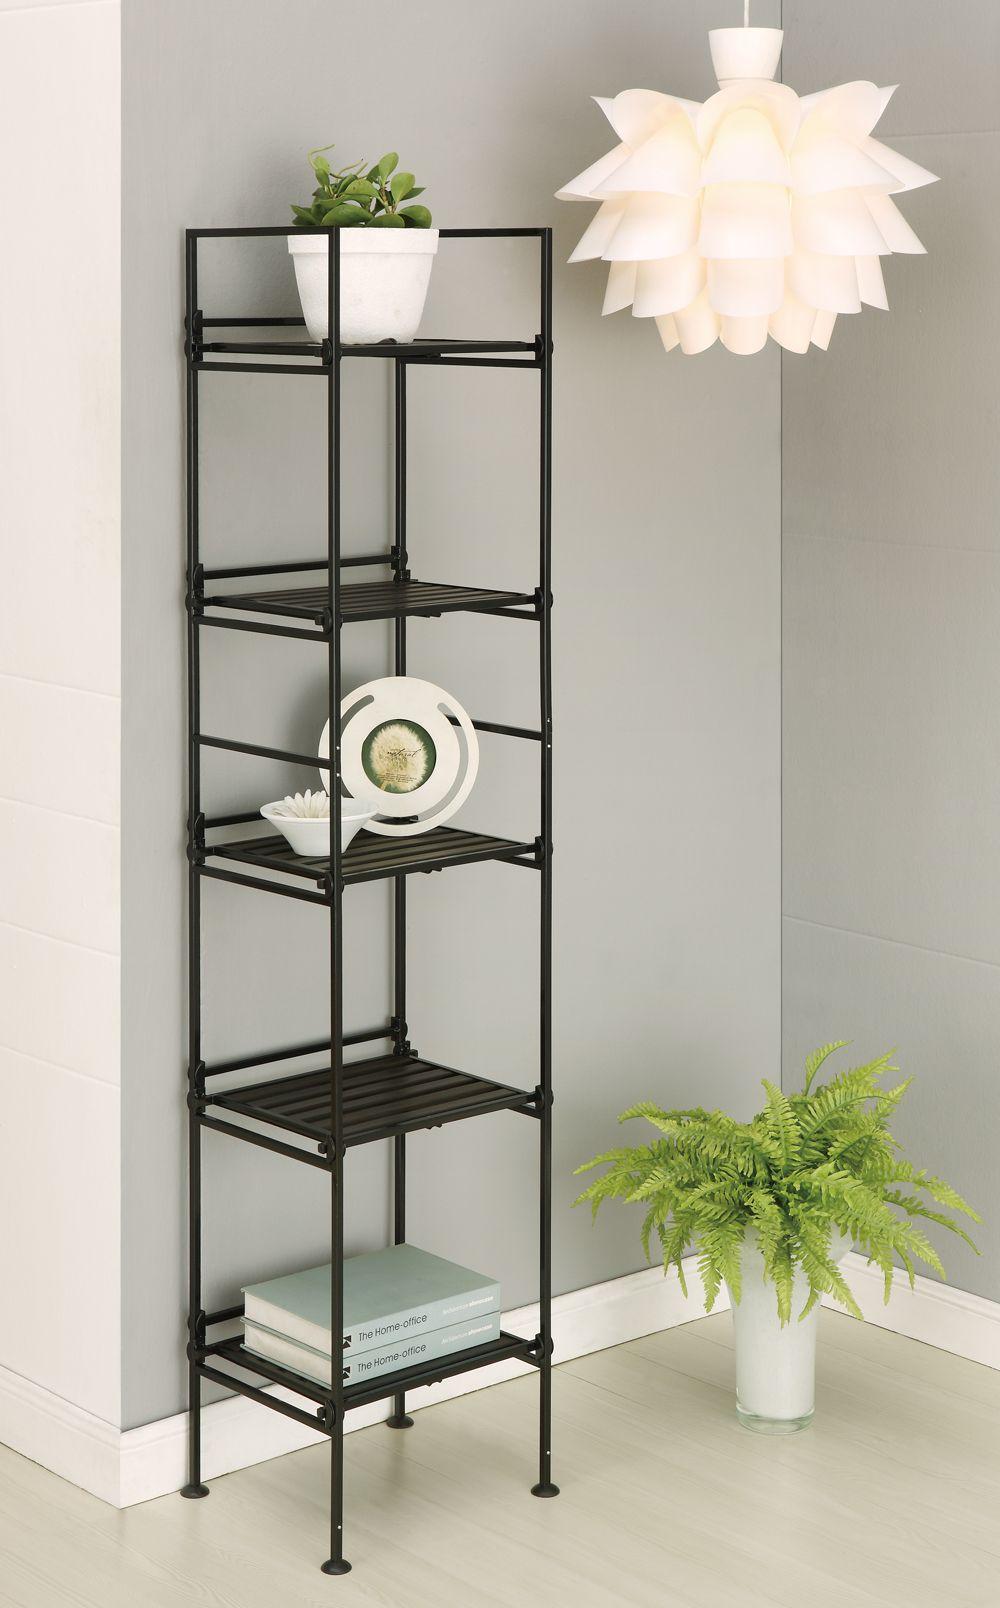 Neu Home 5 Tier Square Shelf